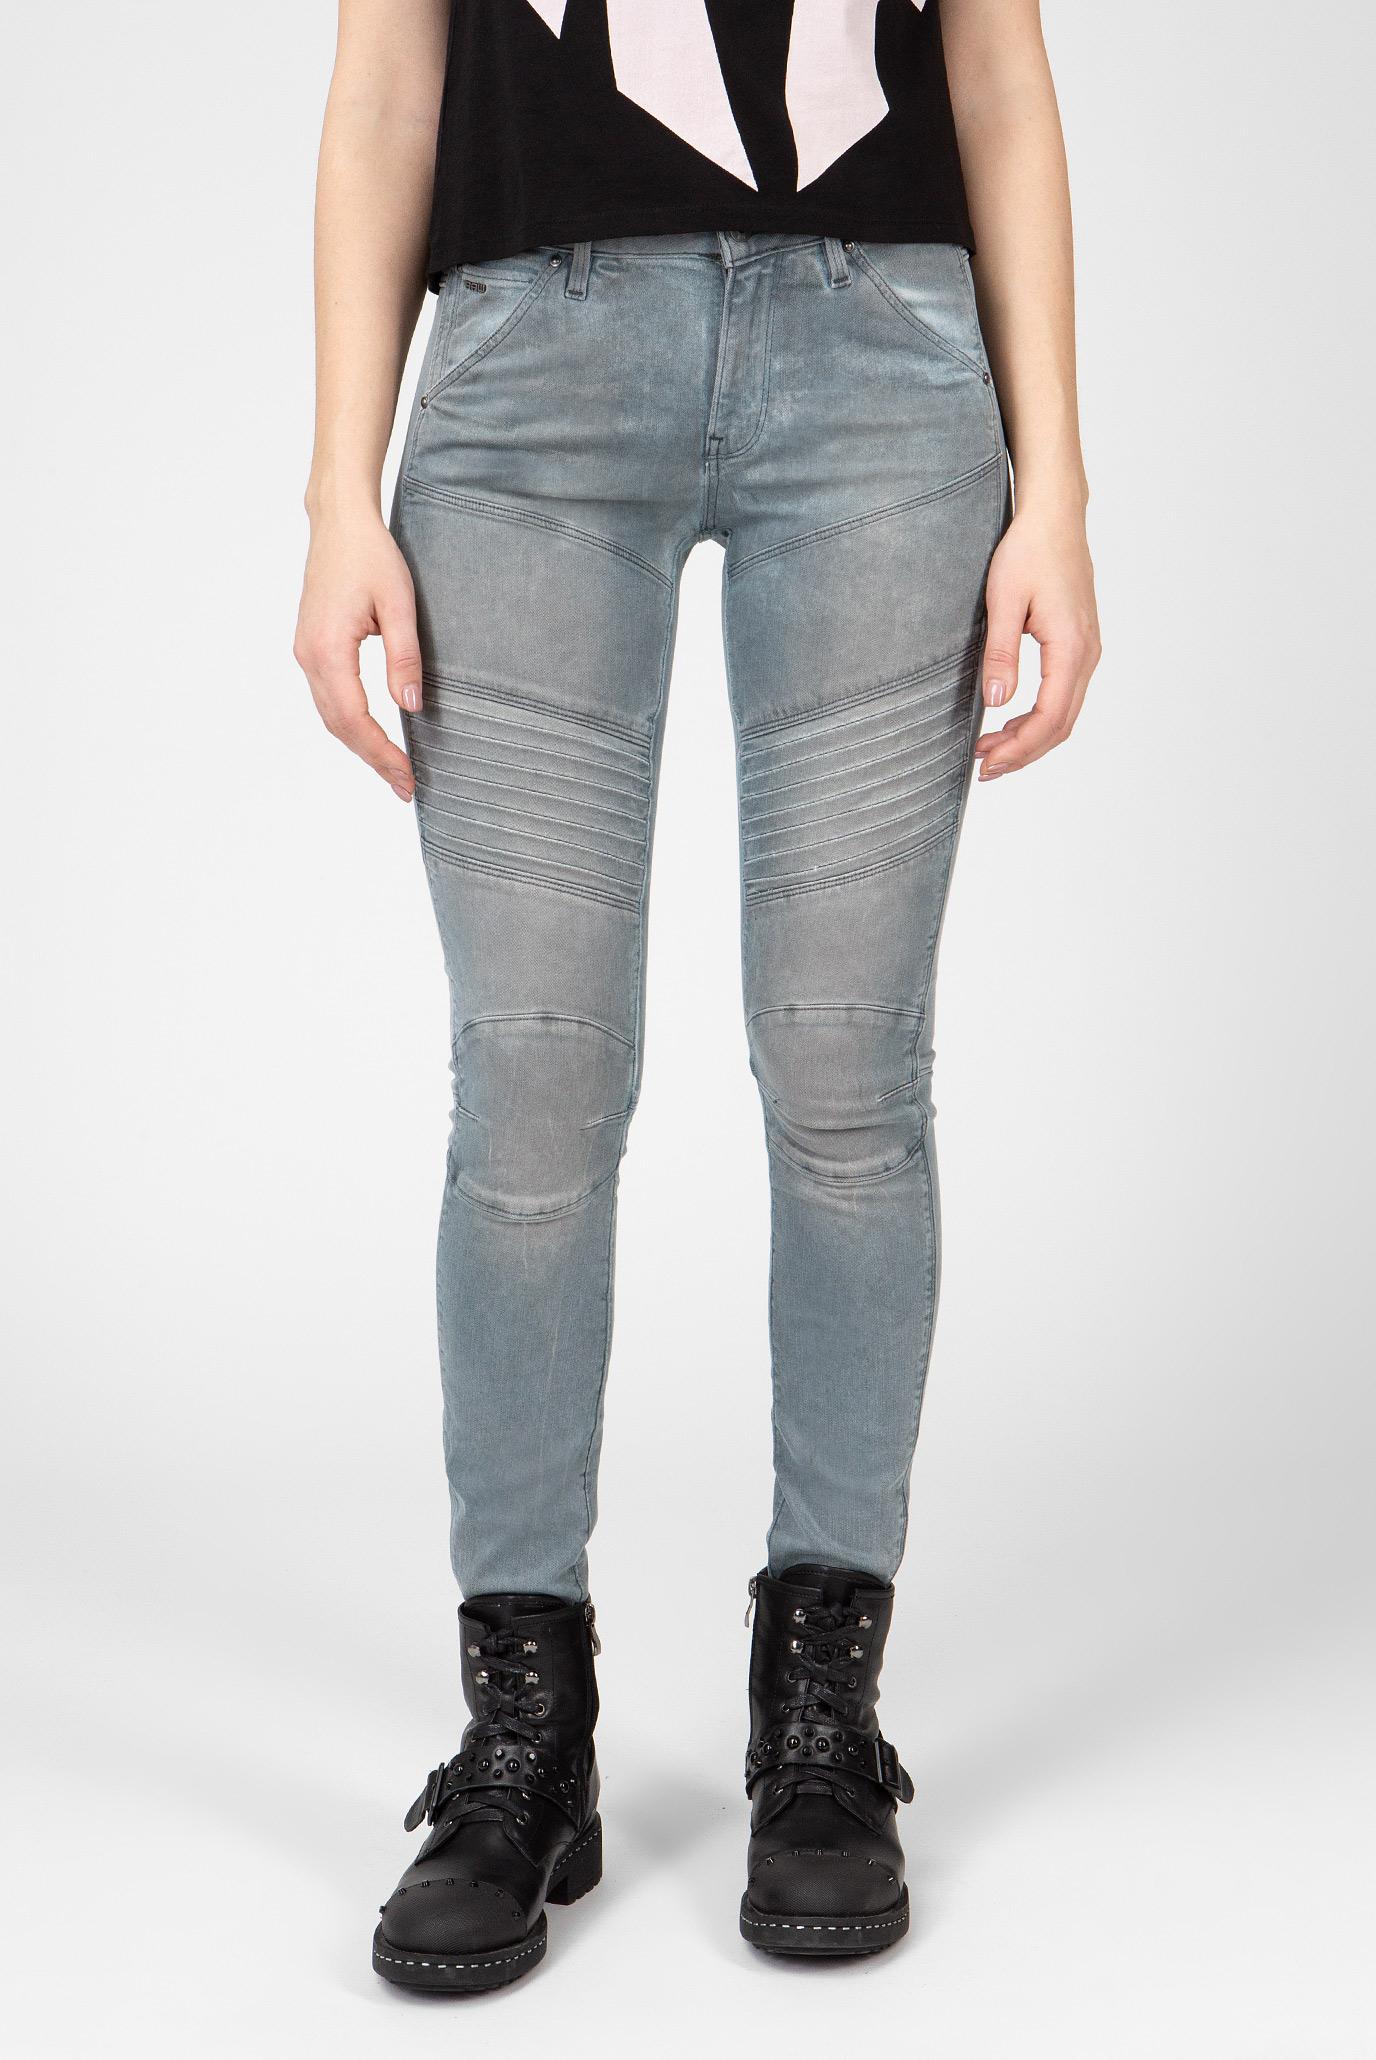 Купить Женские серые джинсы 5620 Custom G-Star RAW G-Star RAW 60907,9882 – Киев, Украина. Цены в интернет магазине MD Fashion